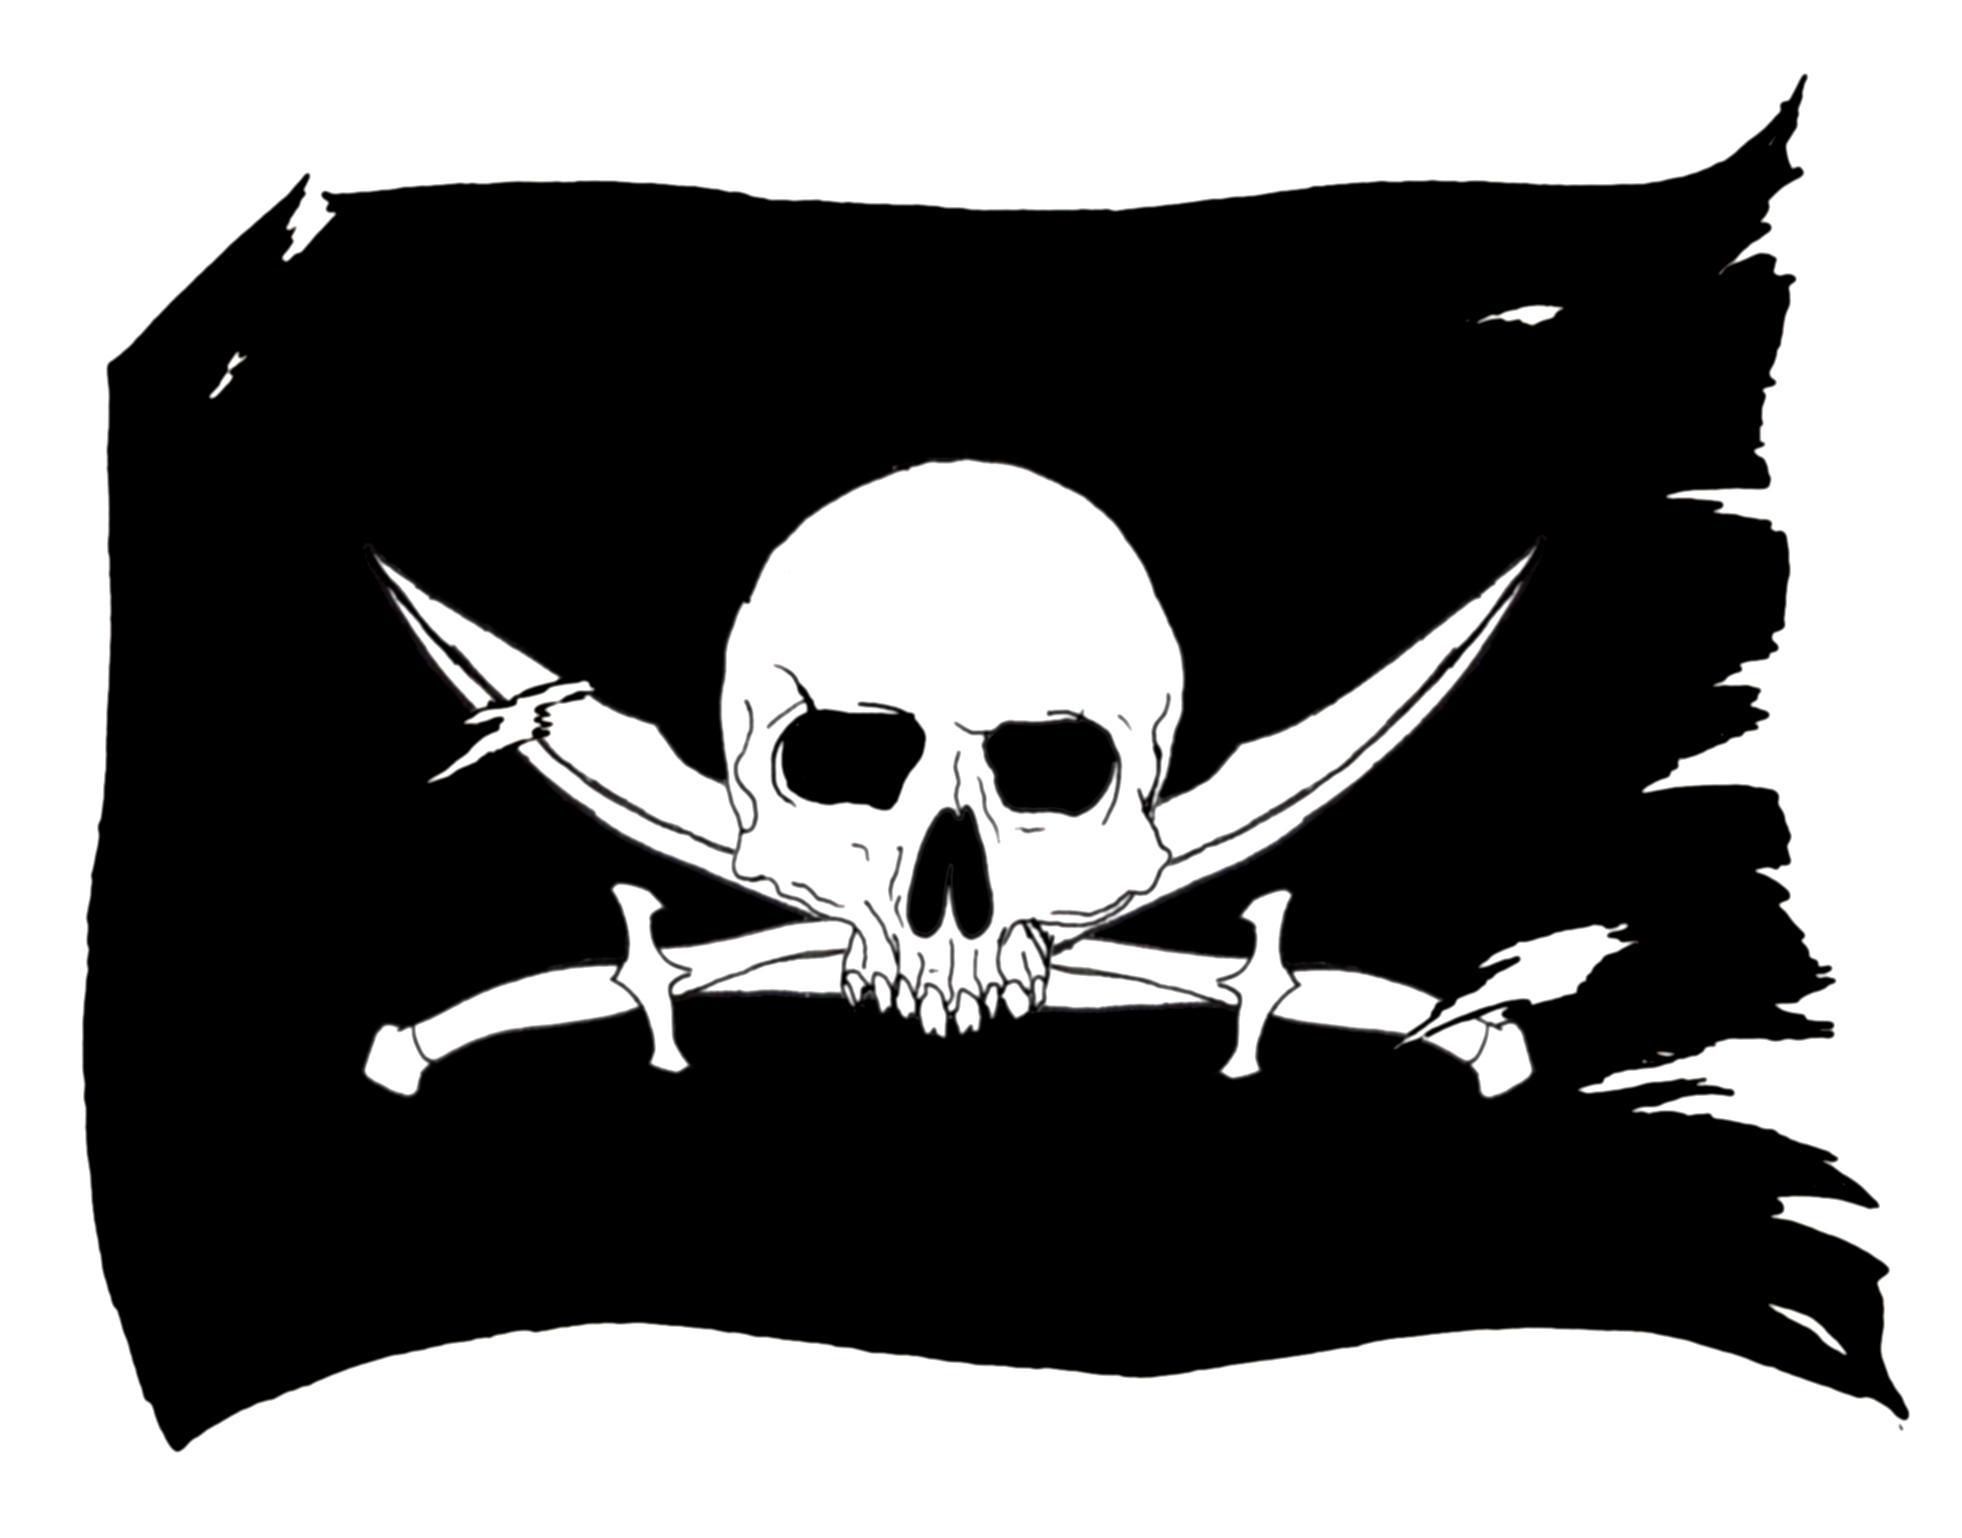 pirate flag 2 by gbcink on deviantart. Black Bedroom Furniture Sets. Home Design Ideas